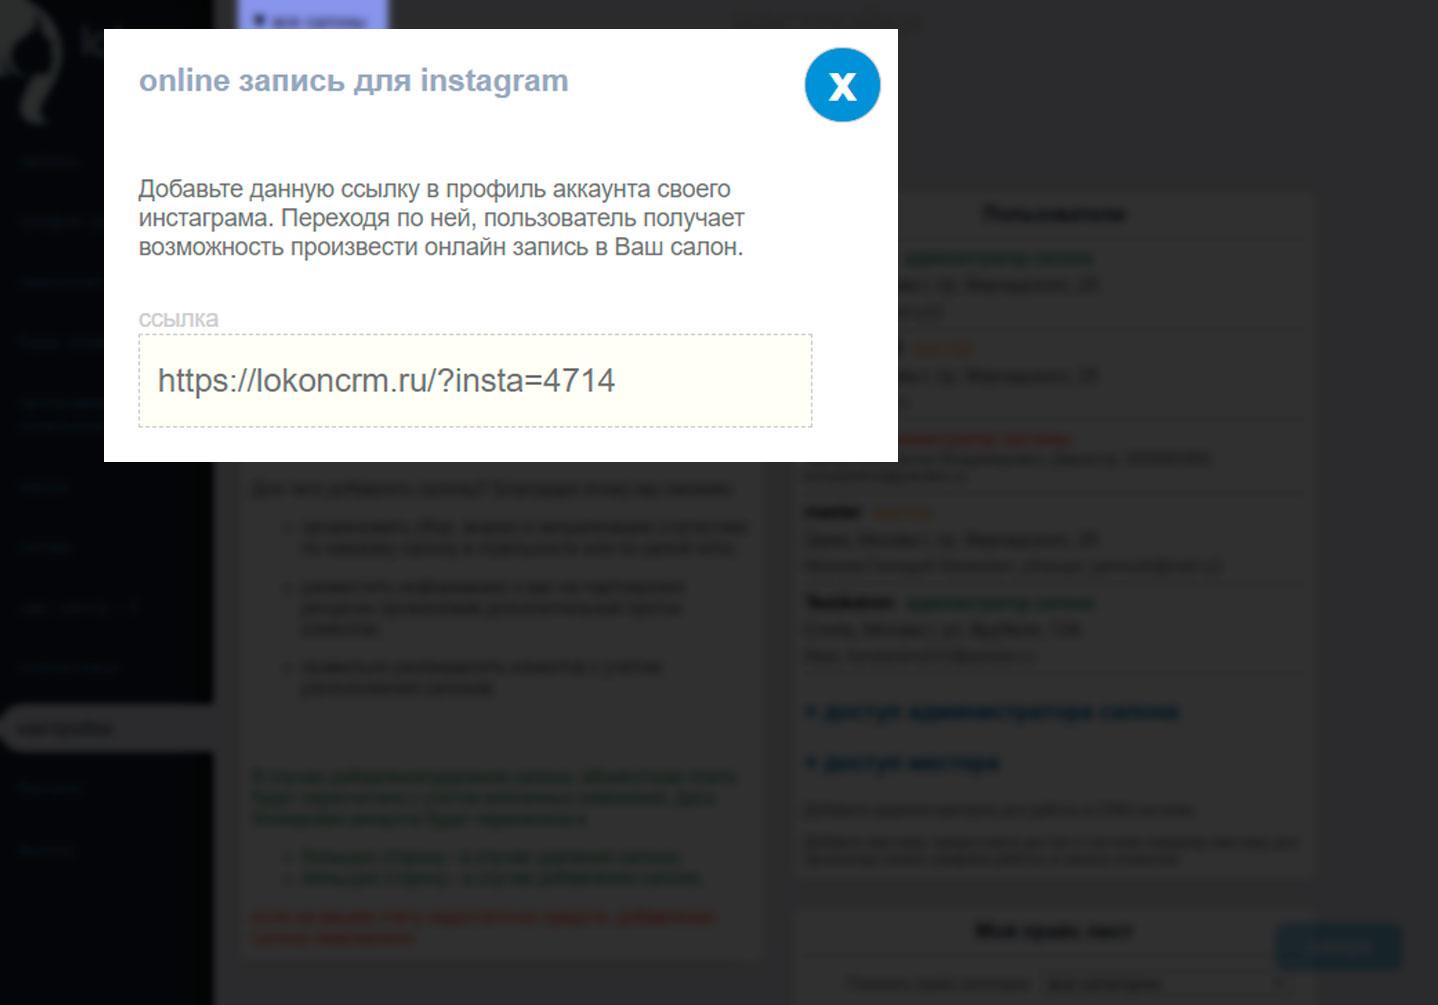 Онлайн запись instagram - LokonCRM